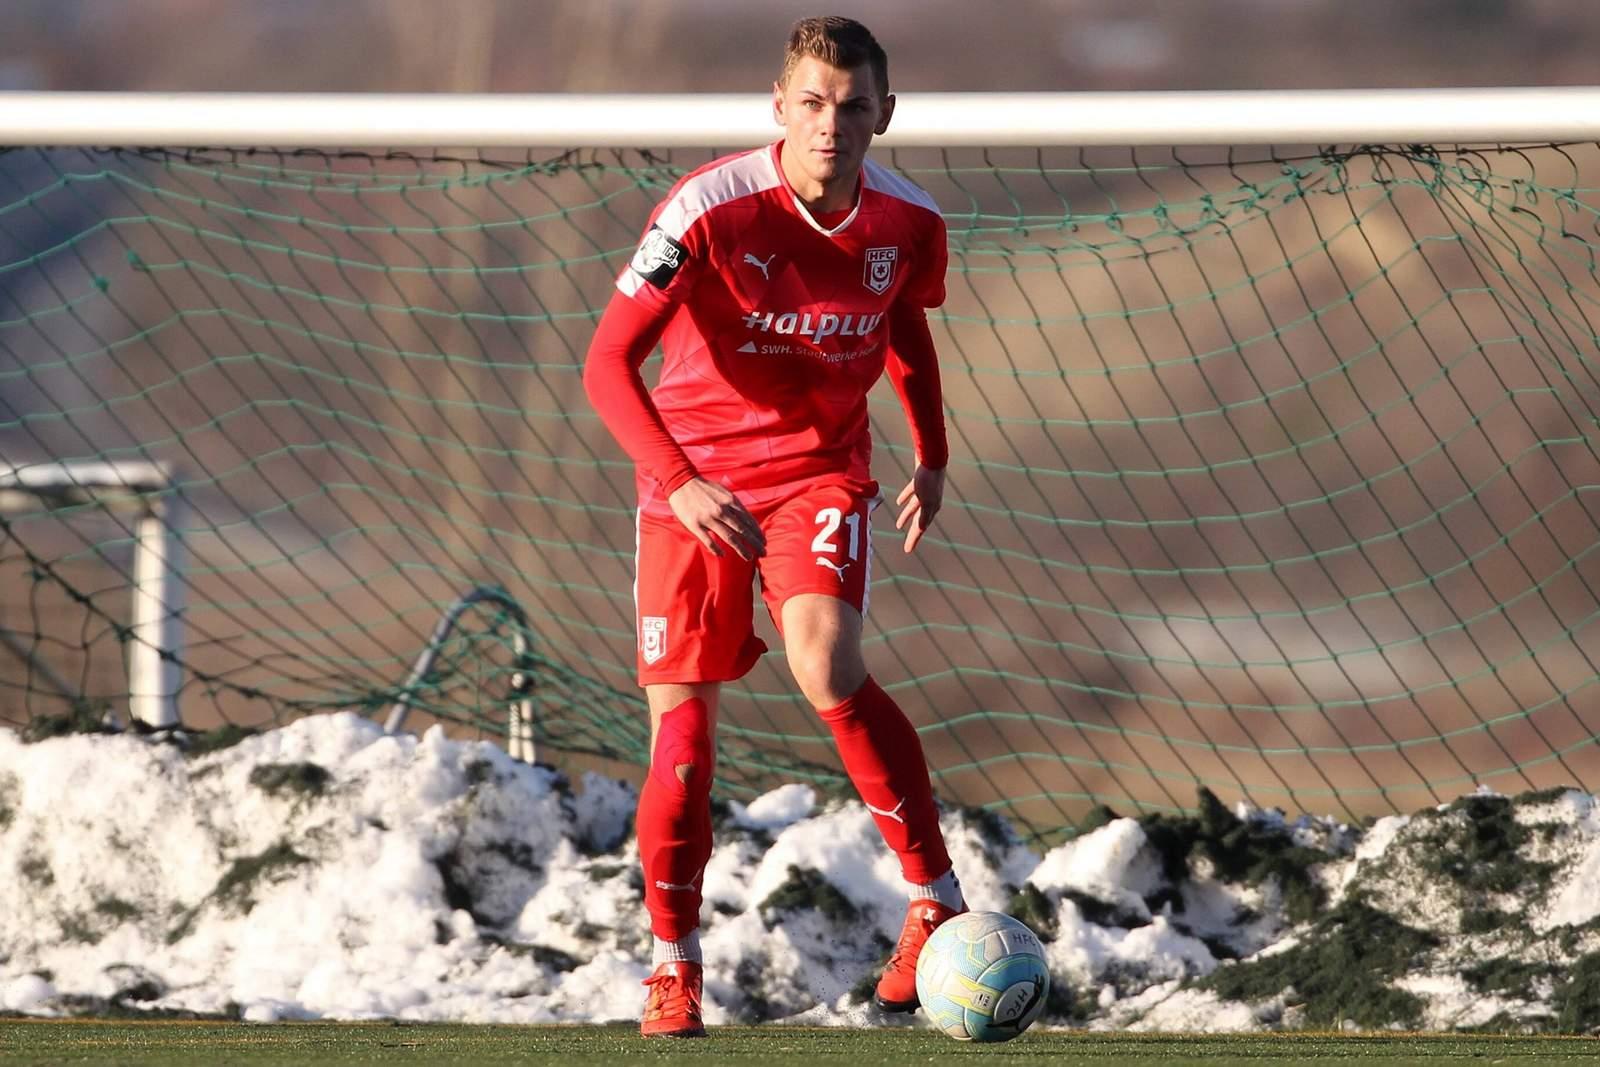 André Wallenborn, Linksverteidiger beim Halleschen FC